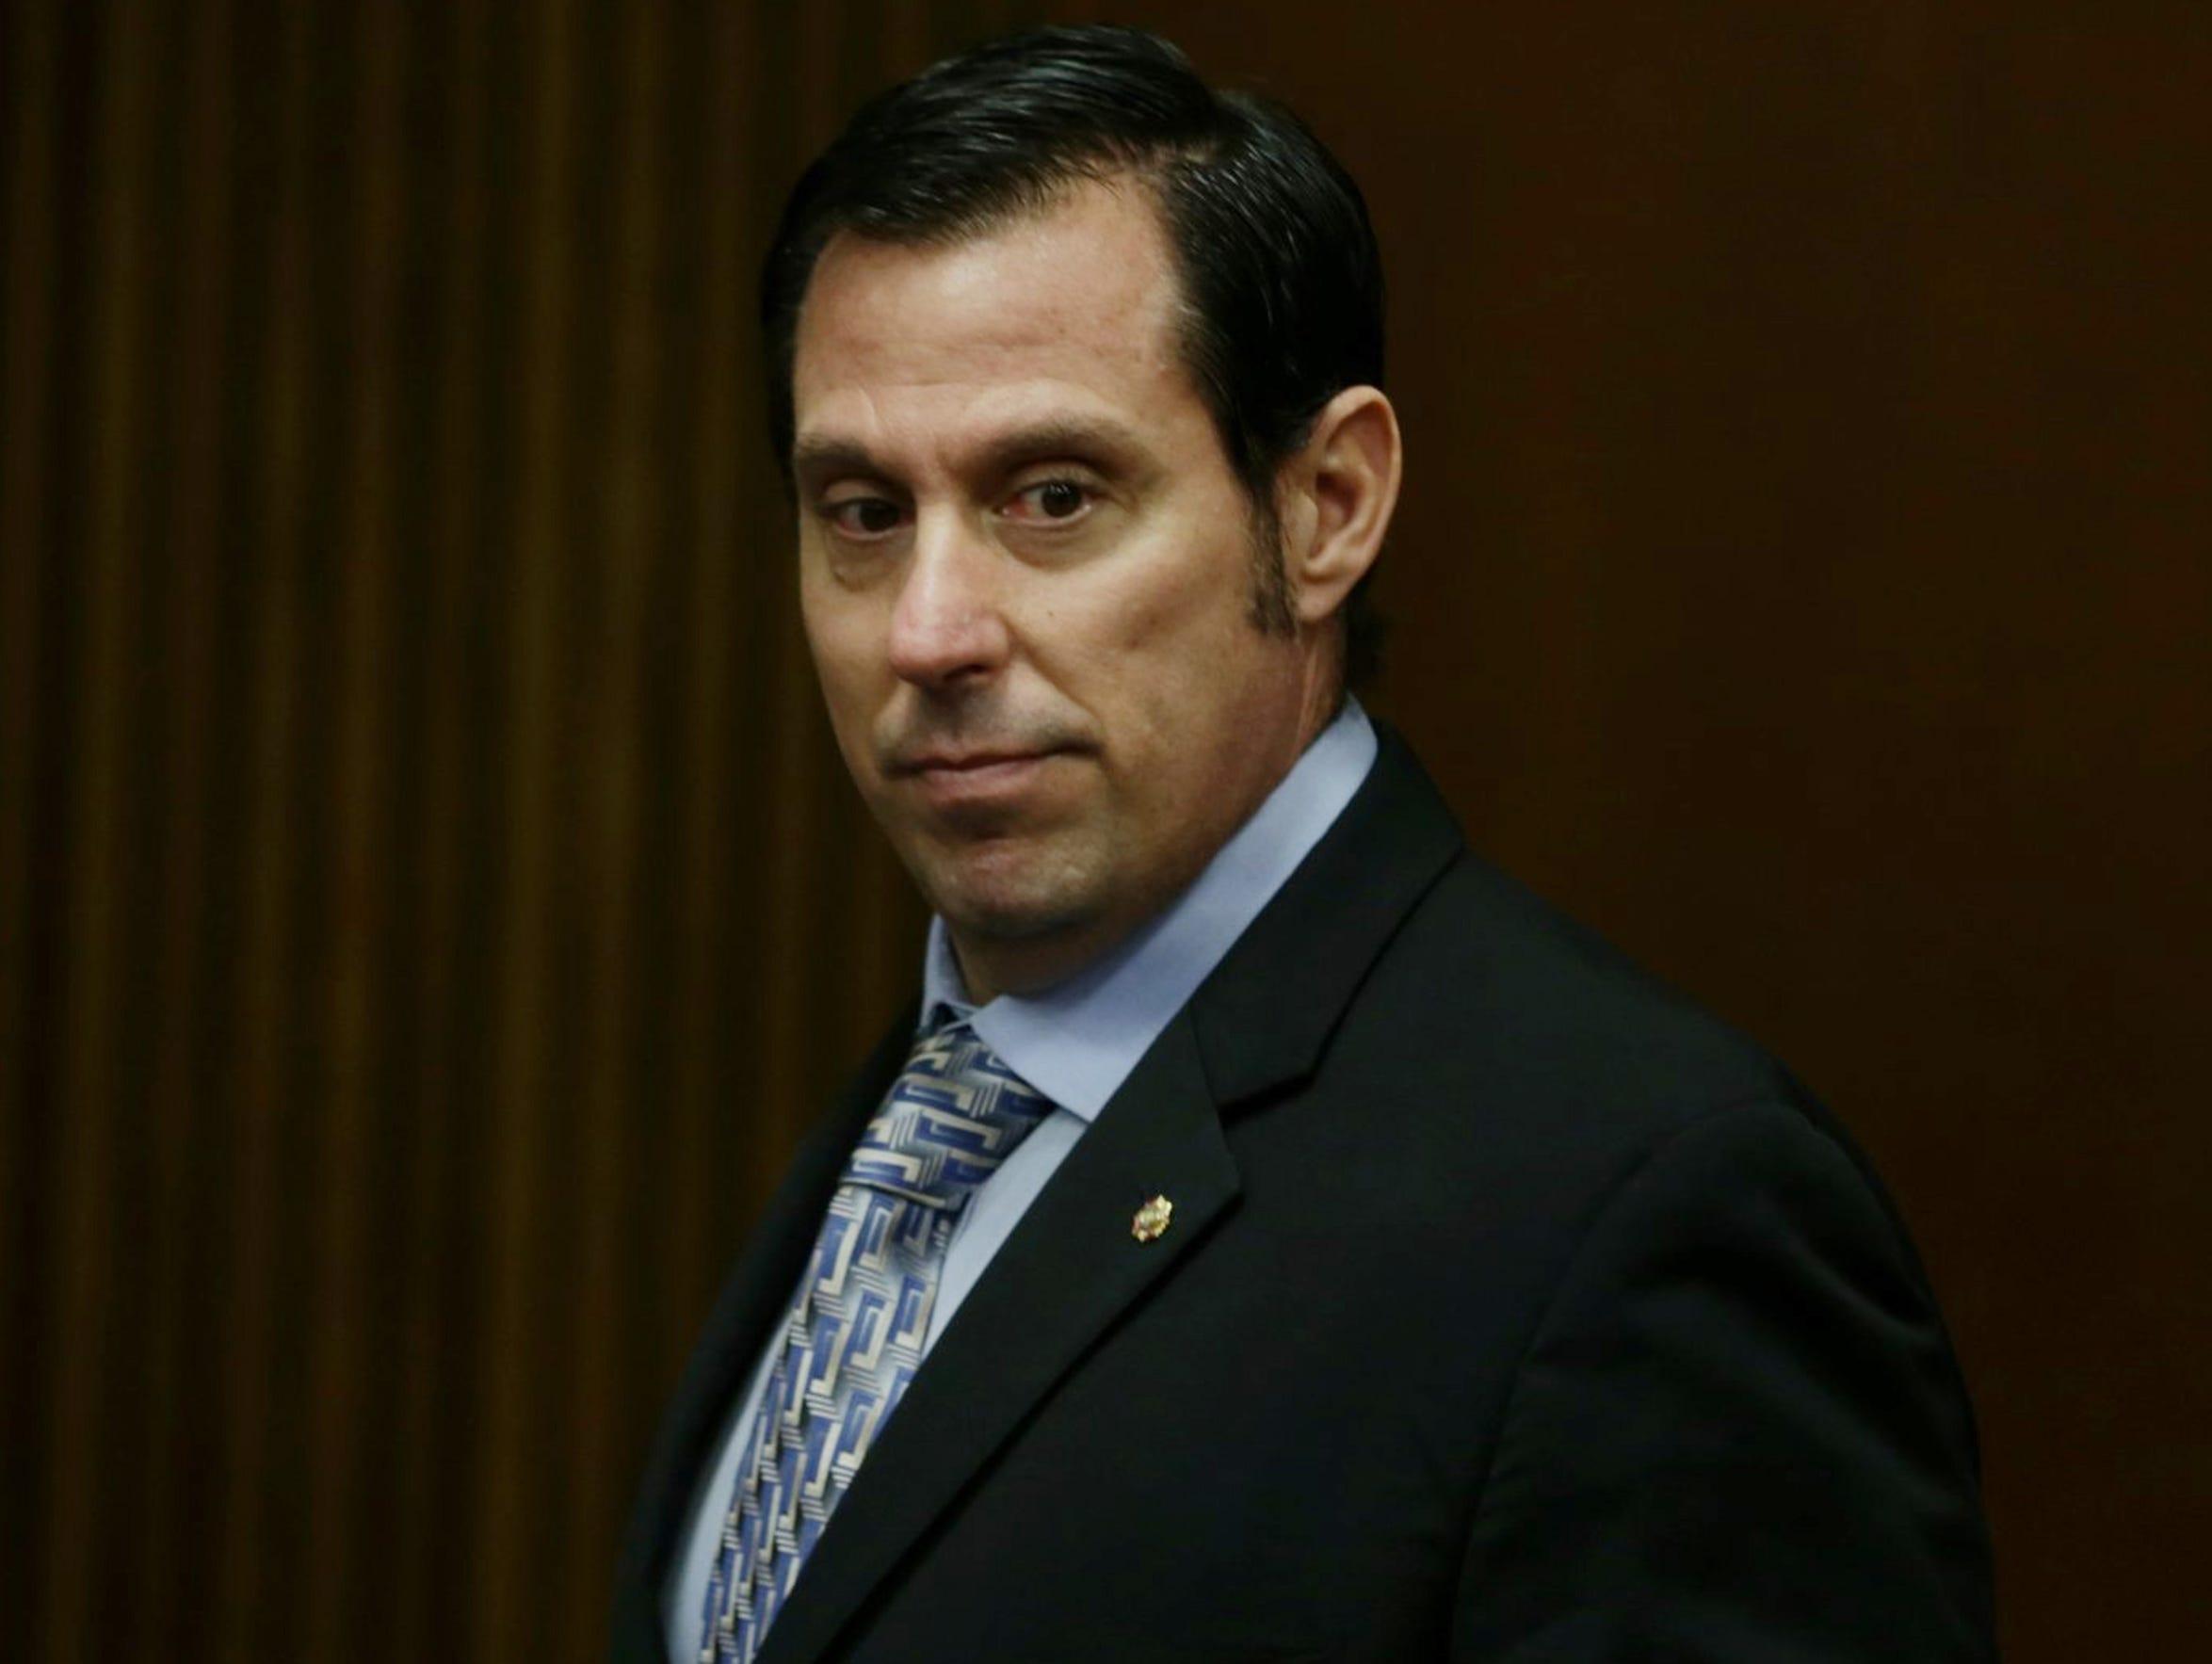 Former Inkster Police Officer William Melendez is sentenced